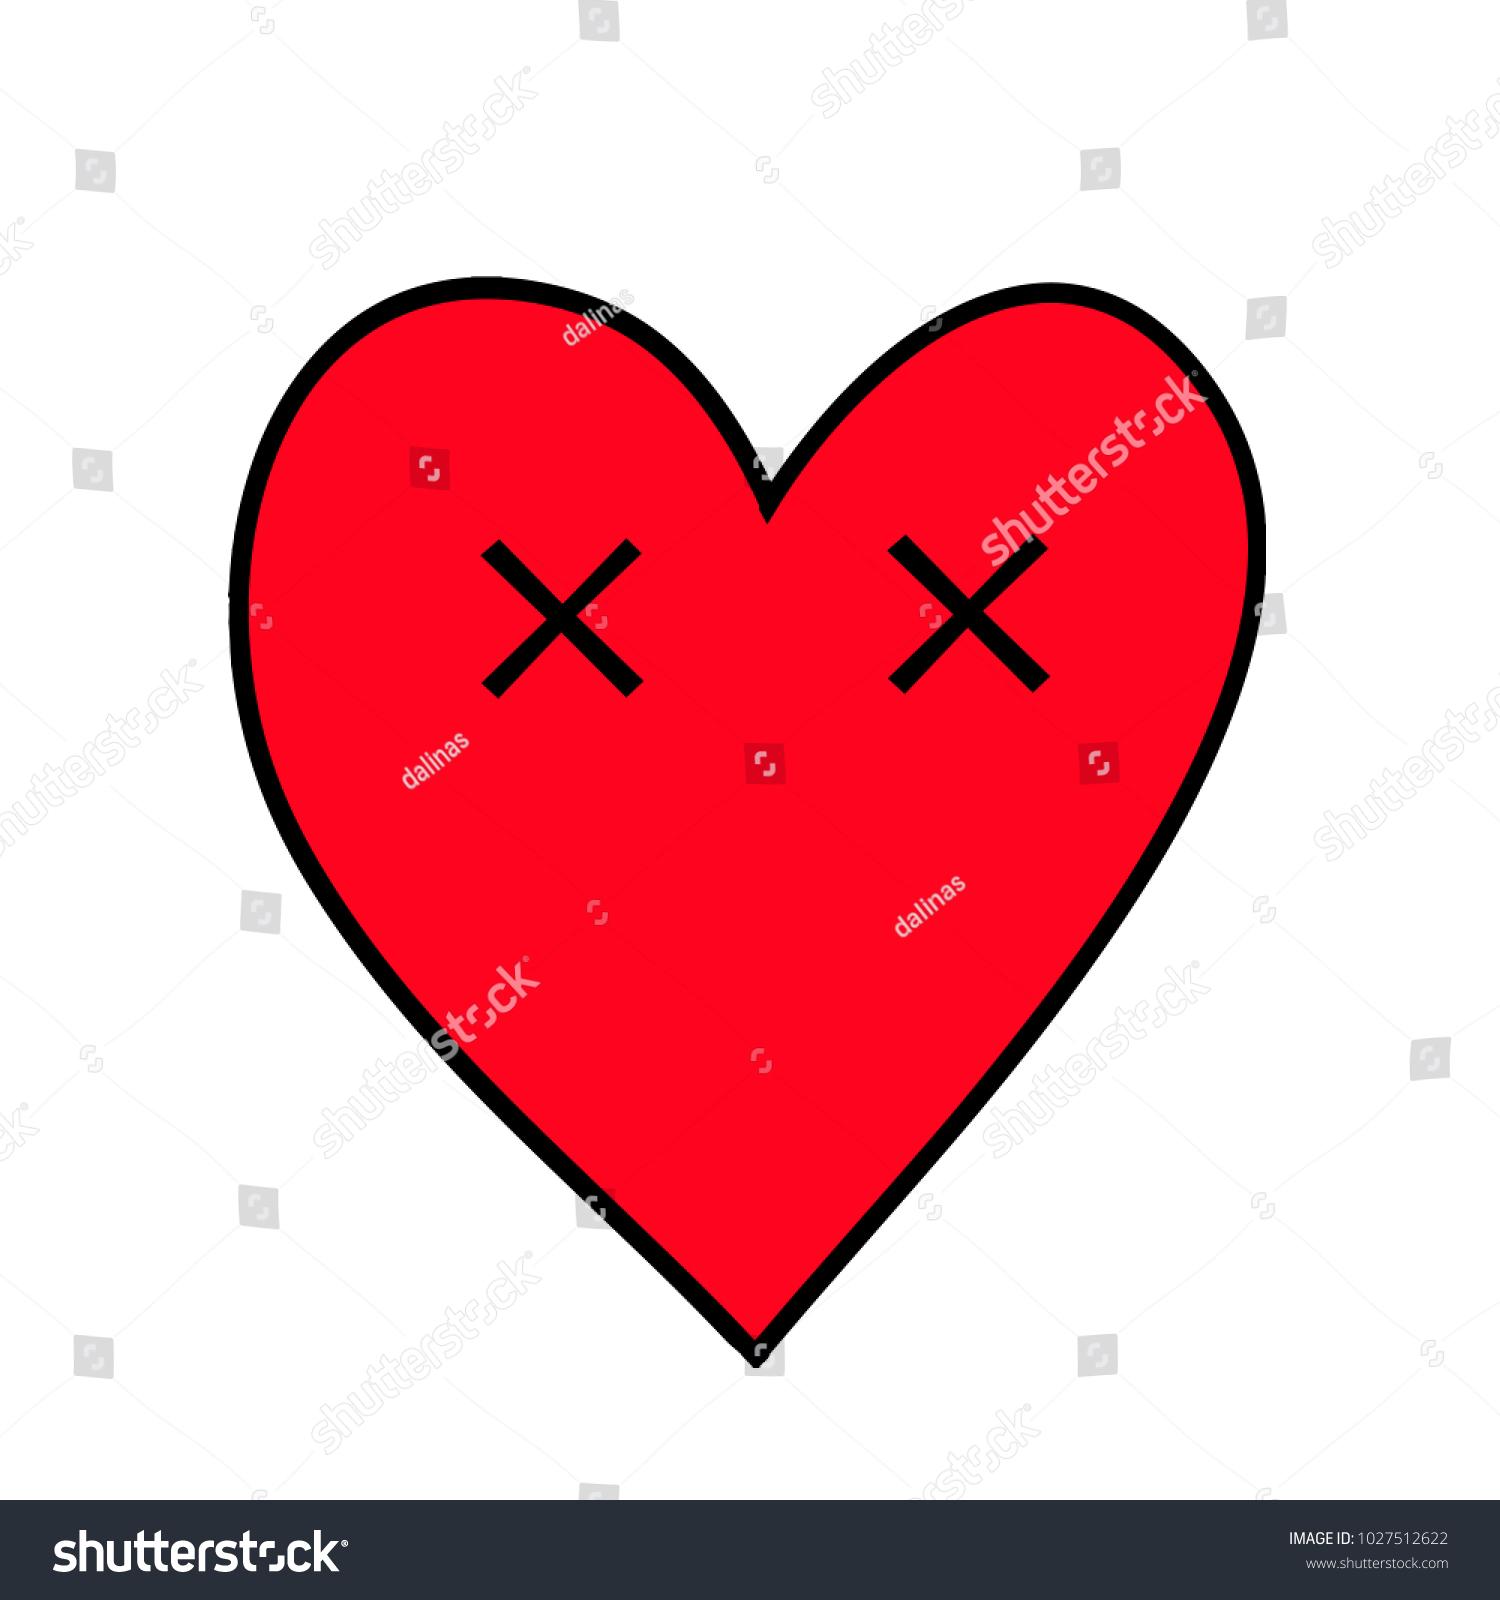 Dead Hdead Heart Heart Emoticon Emoji Stock Vector 1027512622